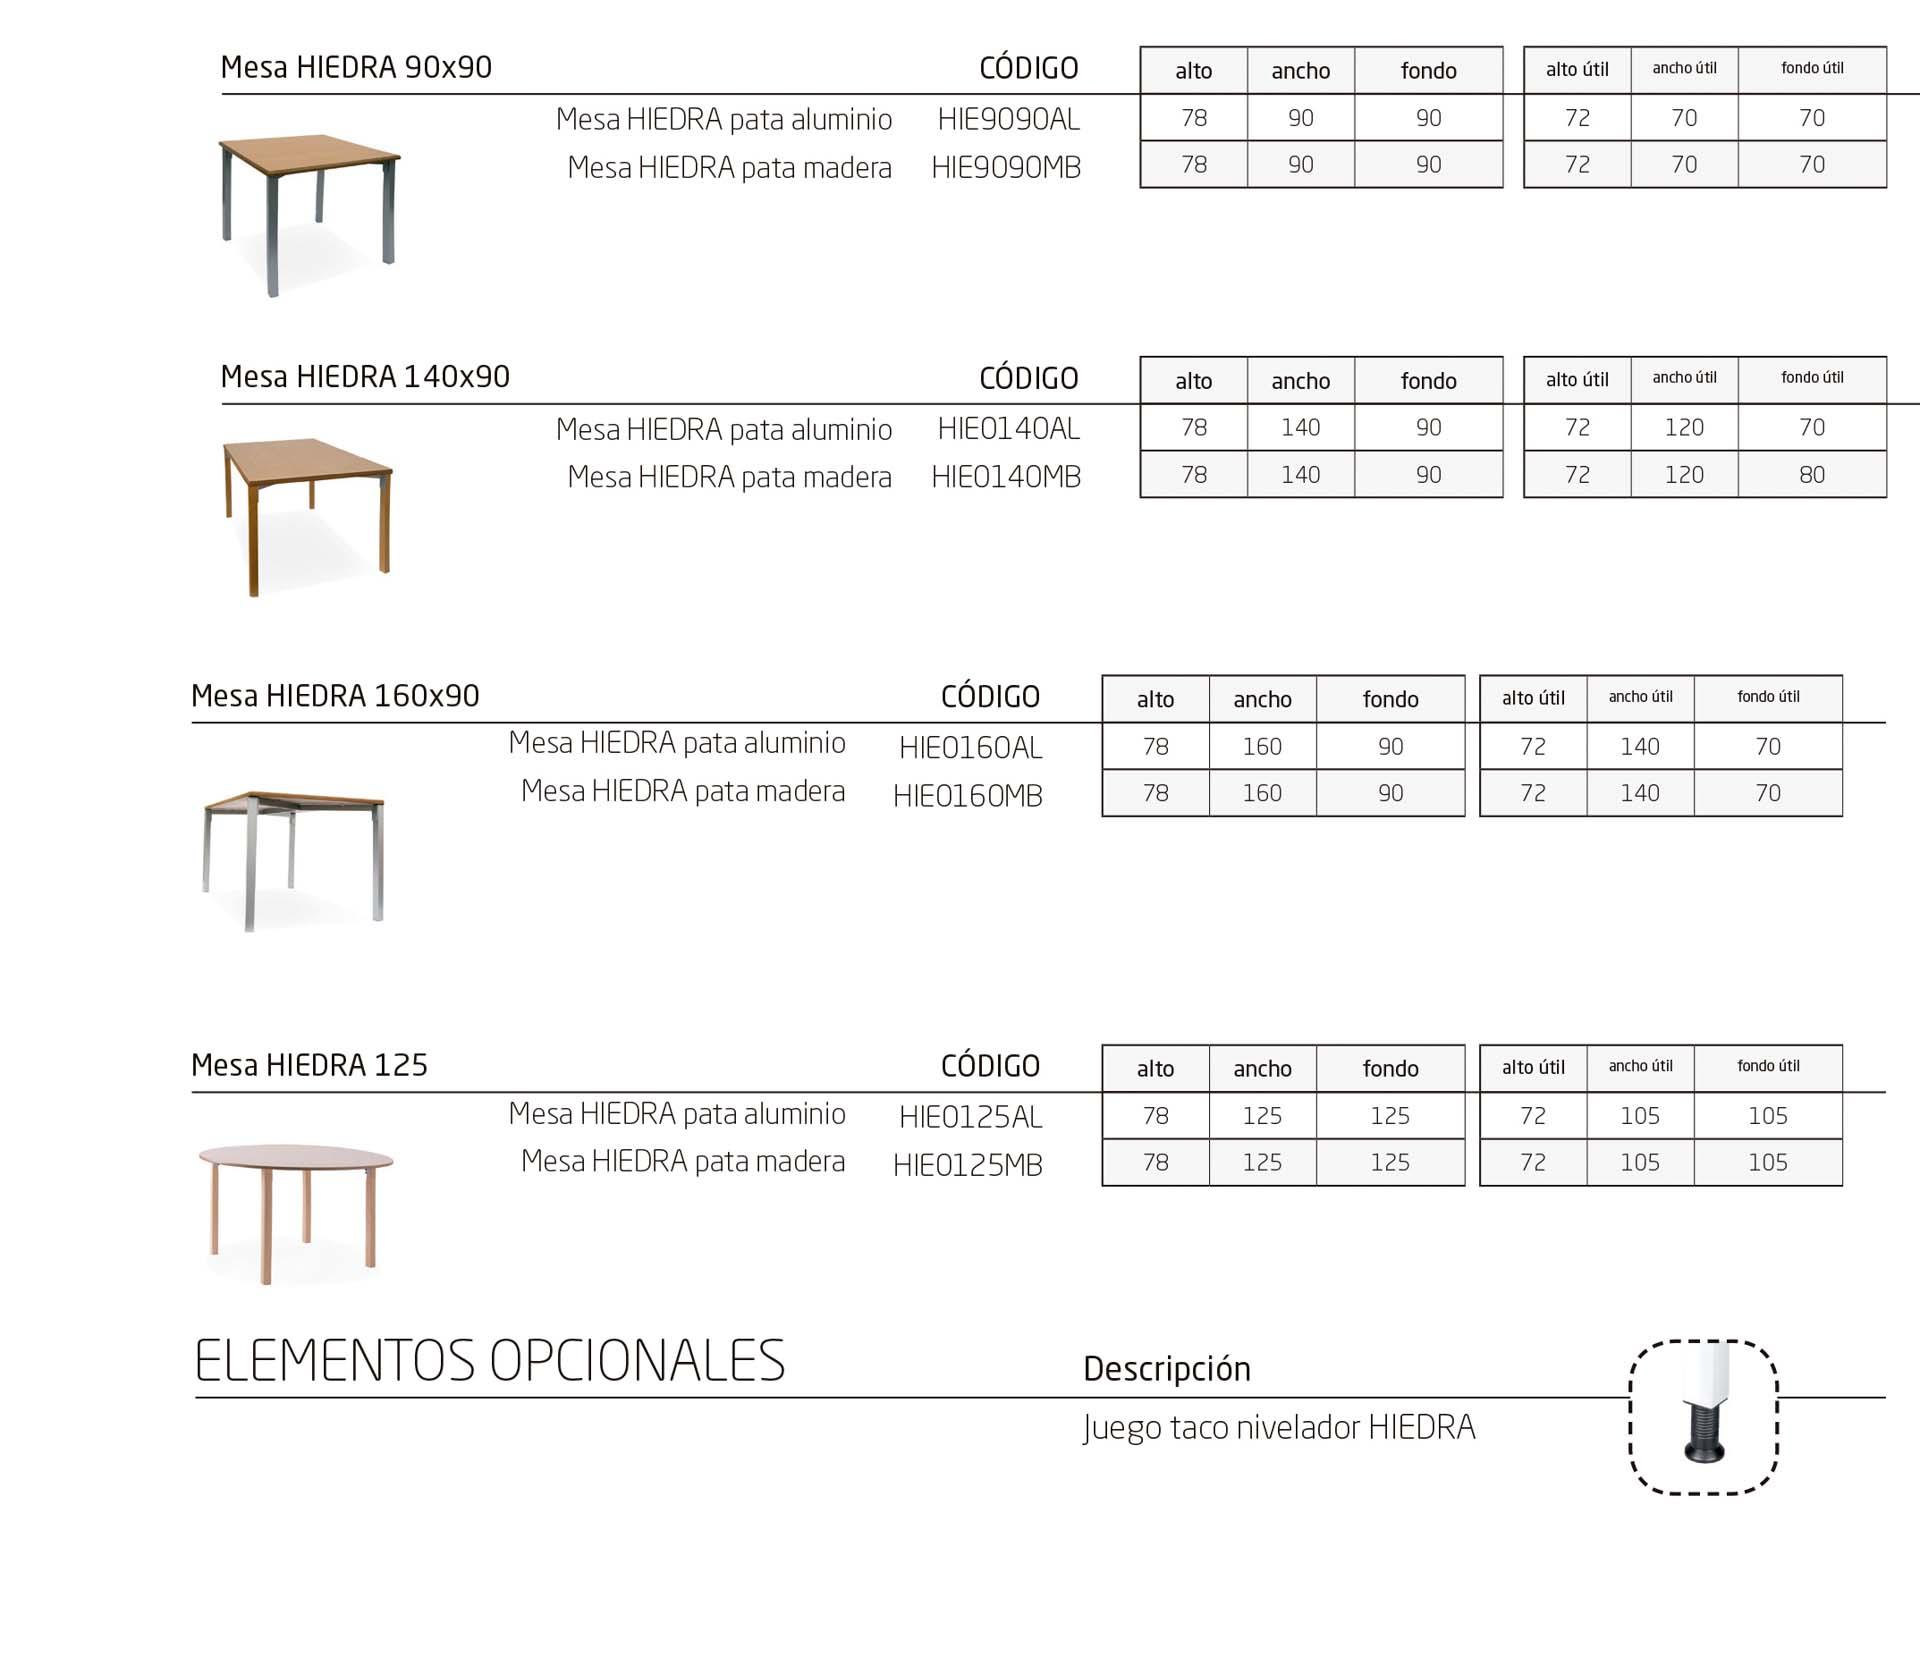 Modelos de la colección HIEDRA: mesas y mobiliario de instalación geriátrica